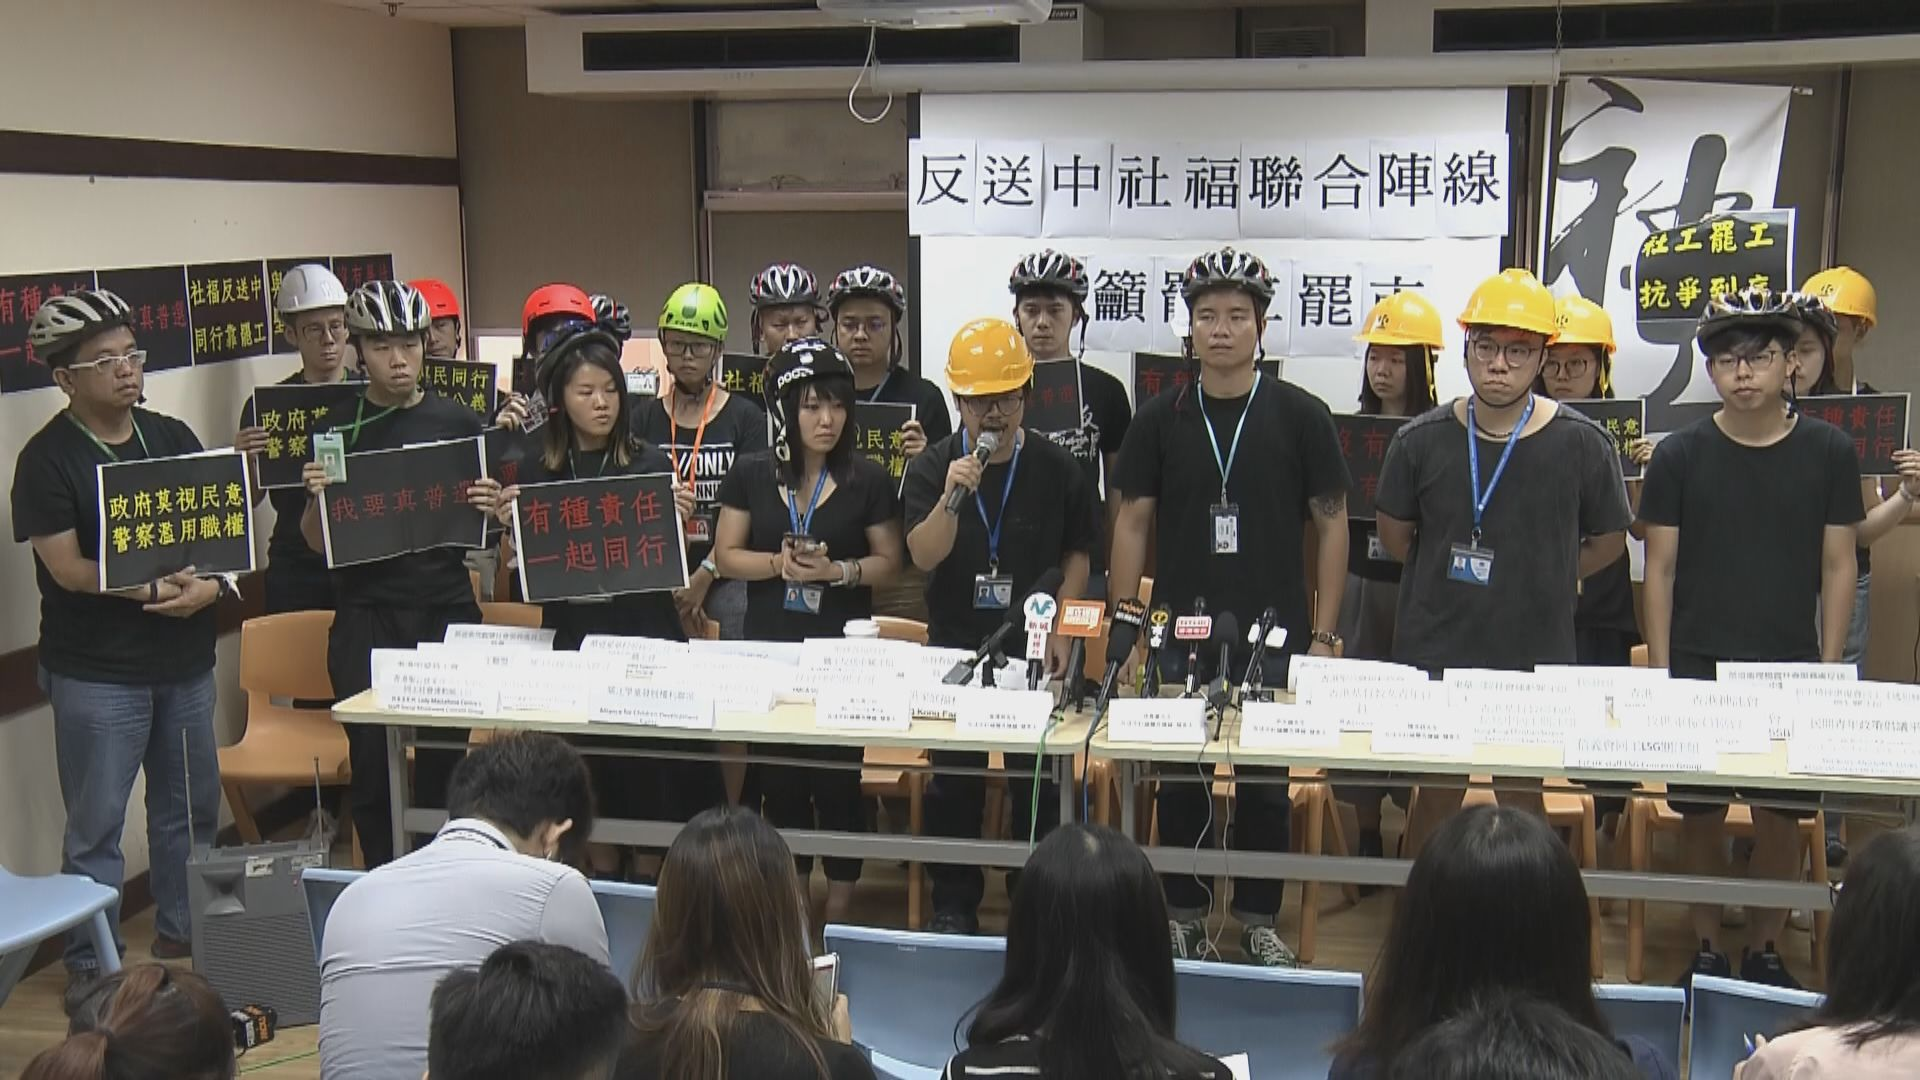 社福界逾二千人響應罷工 料多項服務受影響